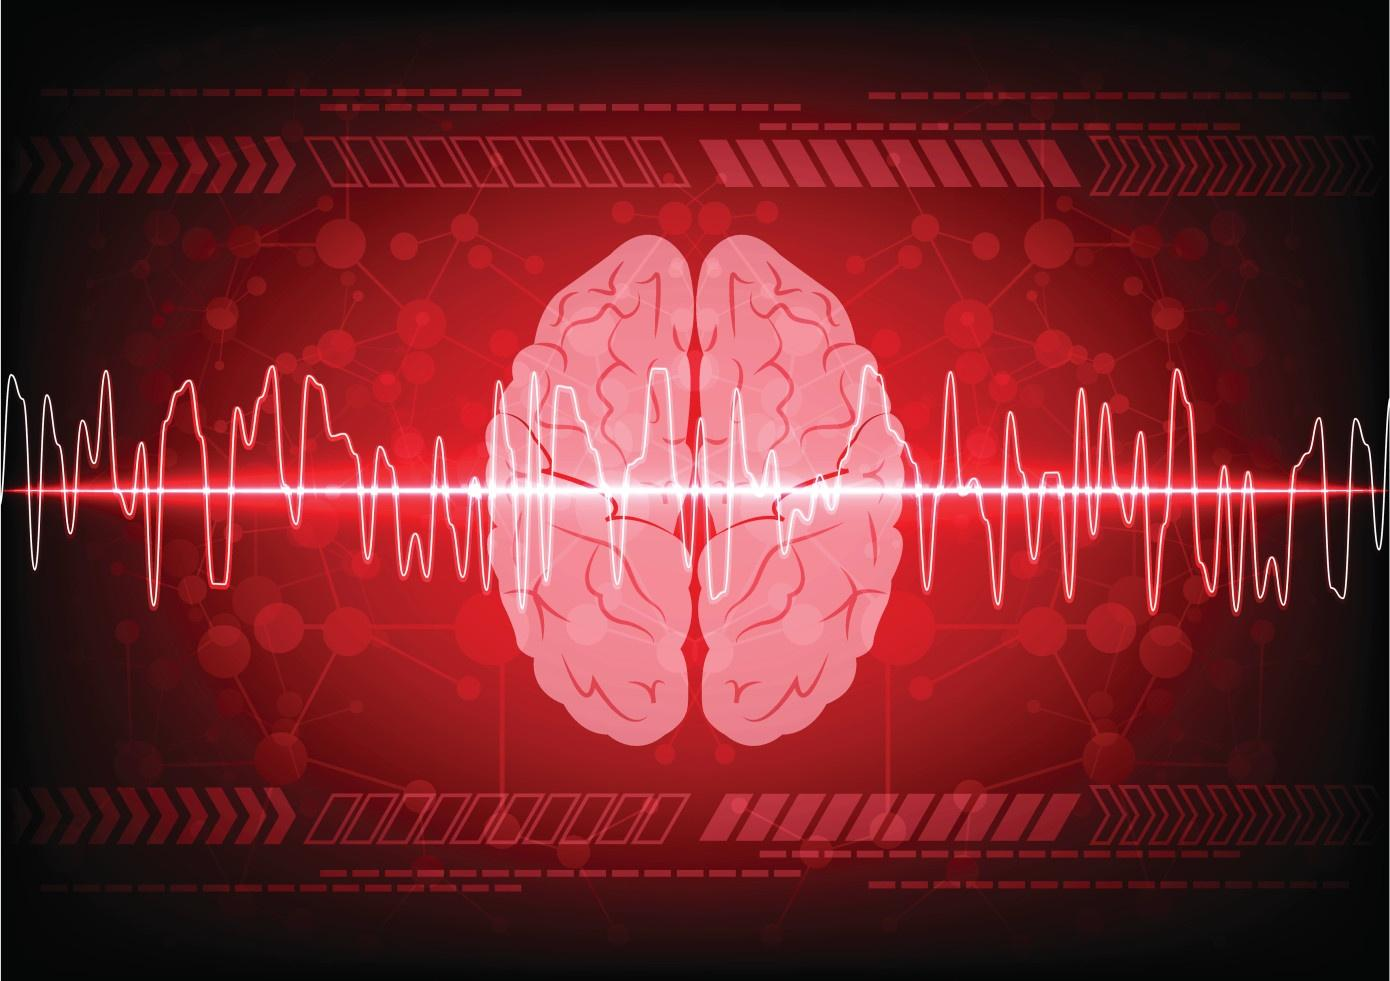 Искусственный интеллект повысит качество медобслуживания в Великобритании (gettyimages 618611610)